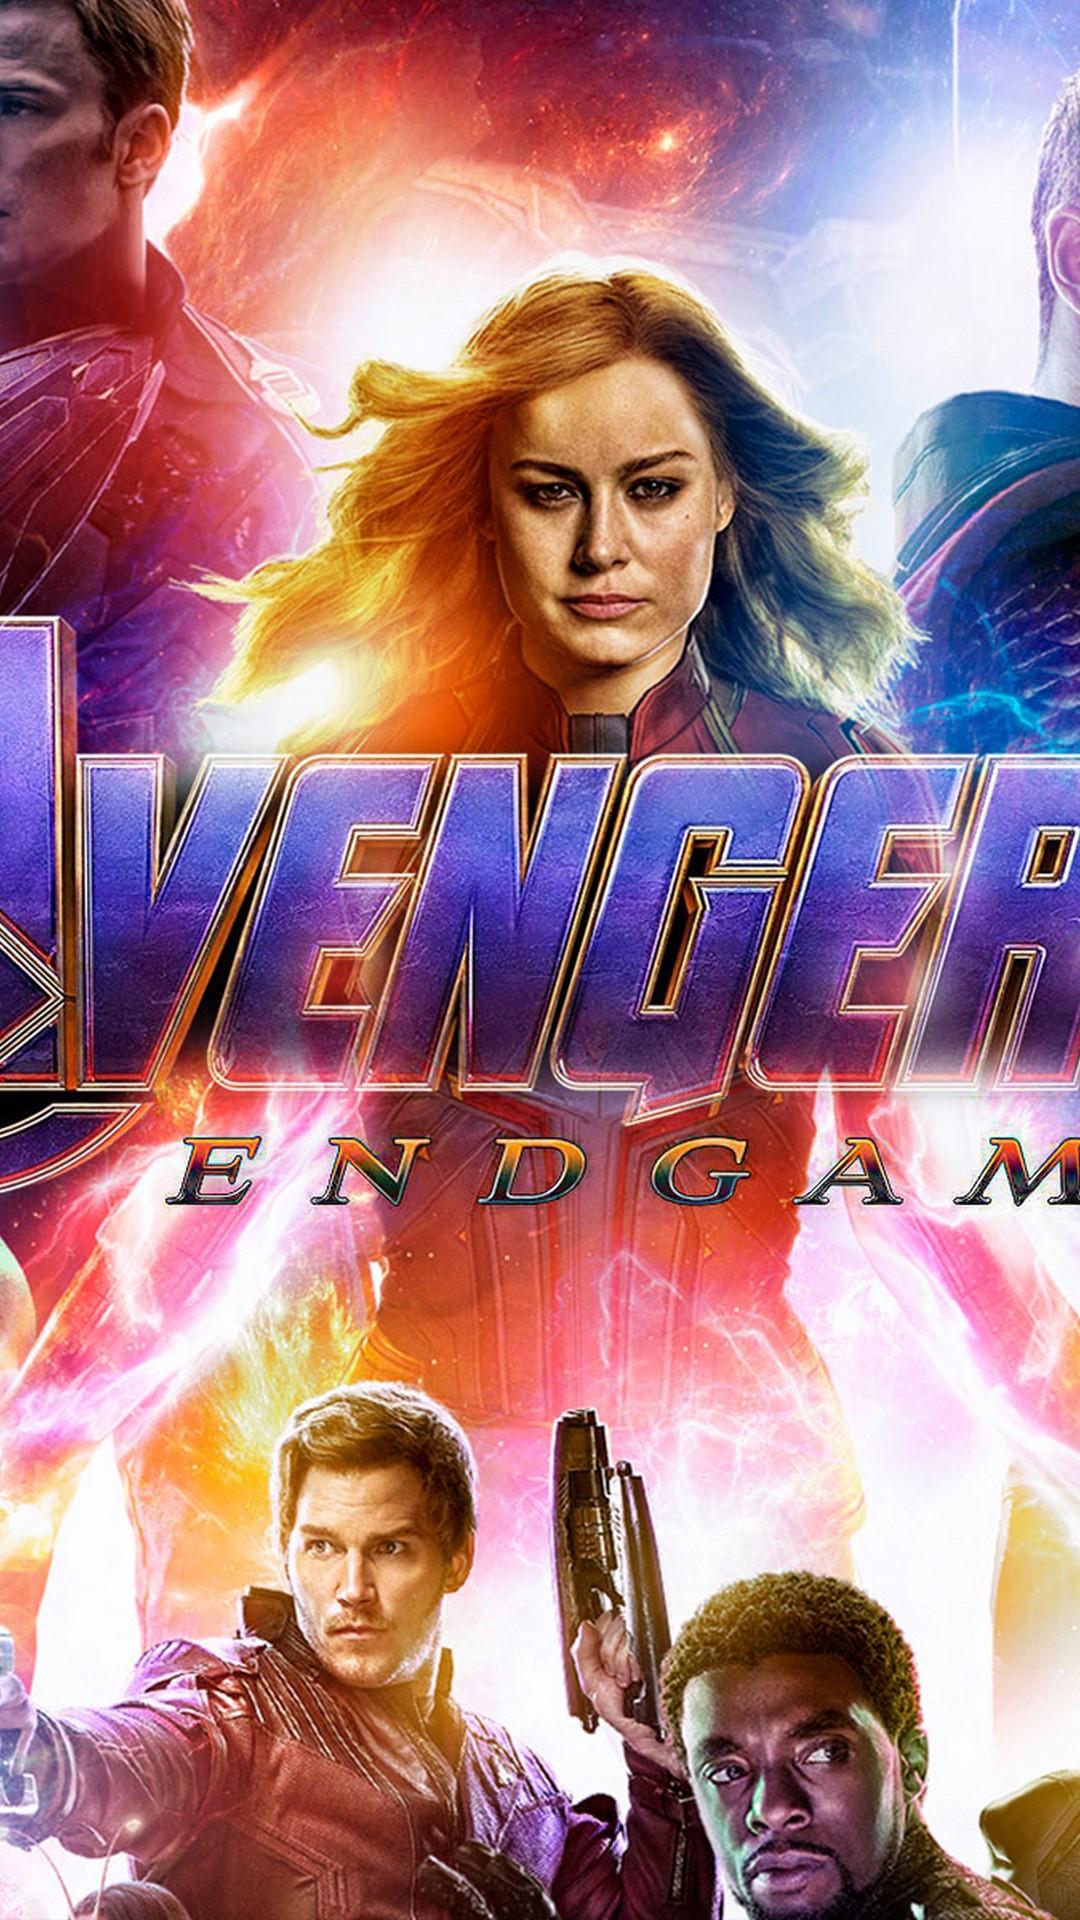 Avengers Endgame Android Wallpaper